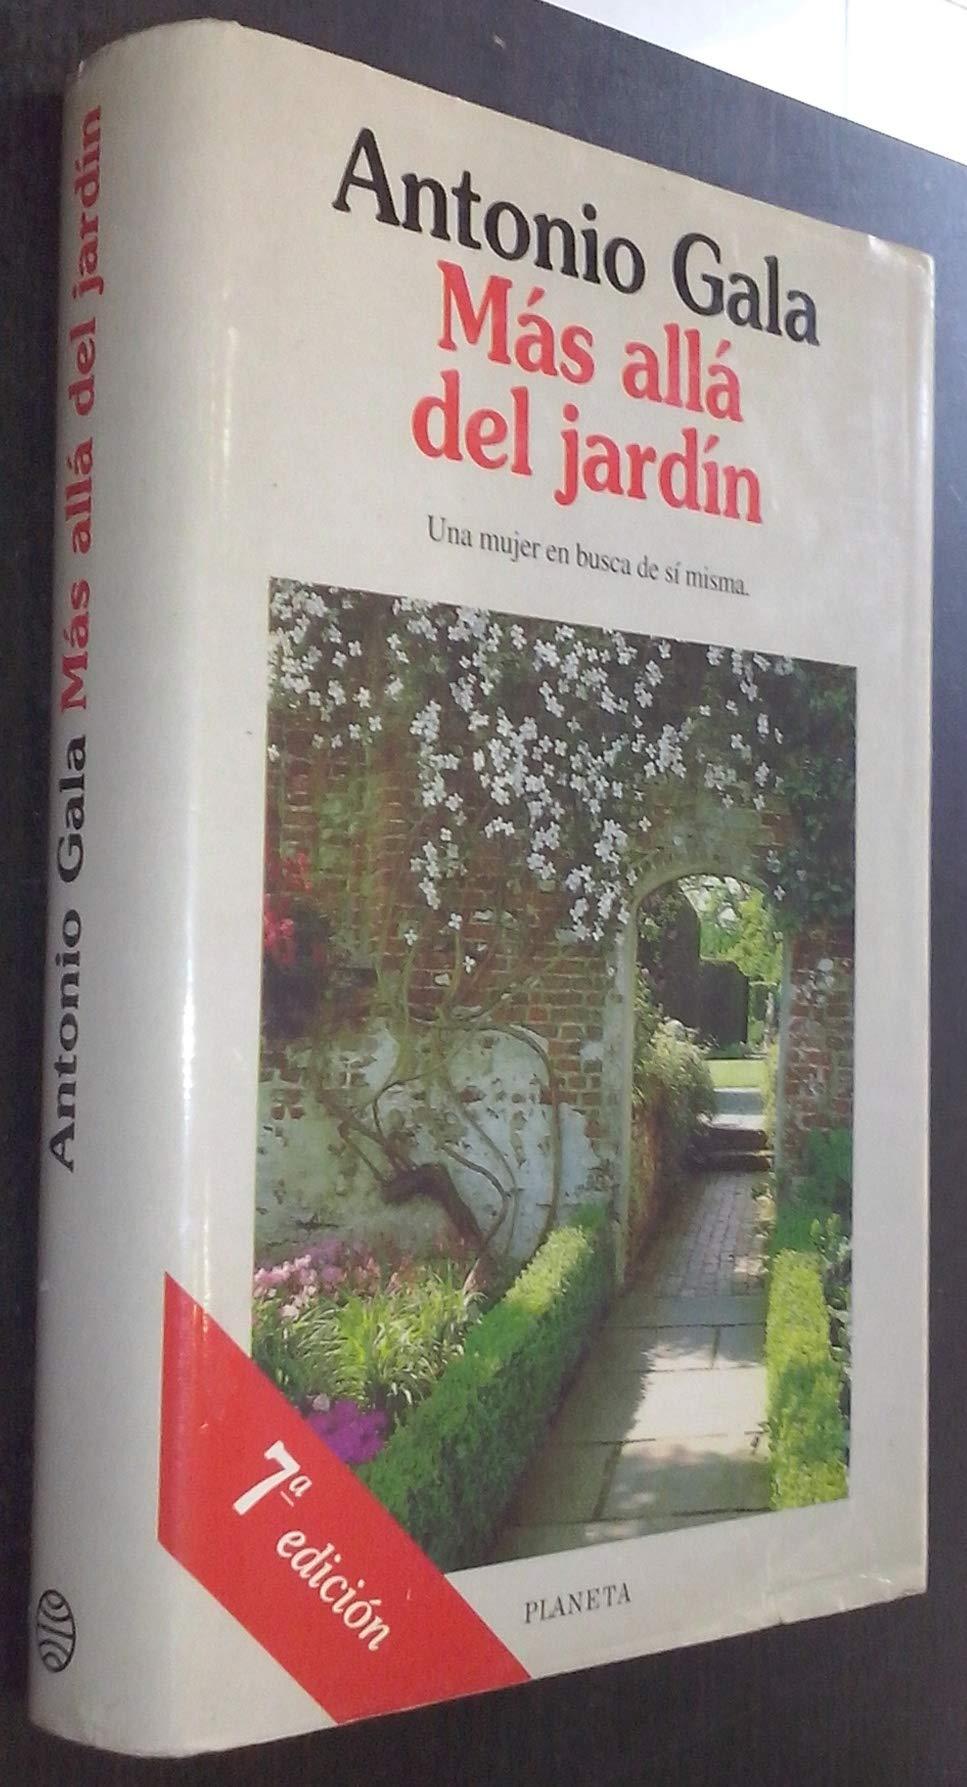 Mas alla del jardin Colección Autores españoles e hispanoamericanos: Amazon.es: Antonio Gala: Libros